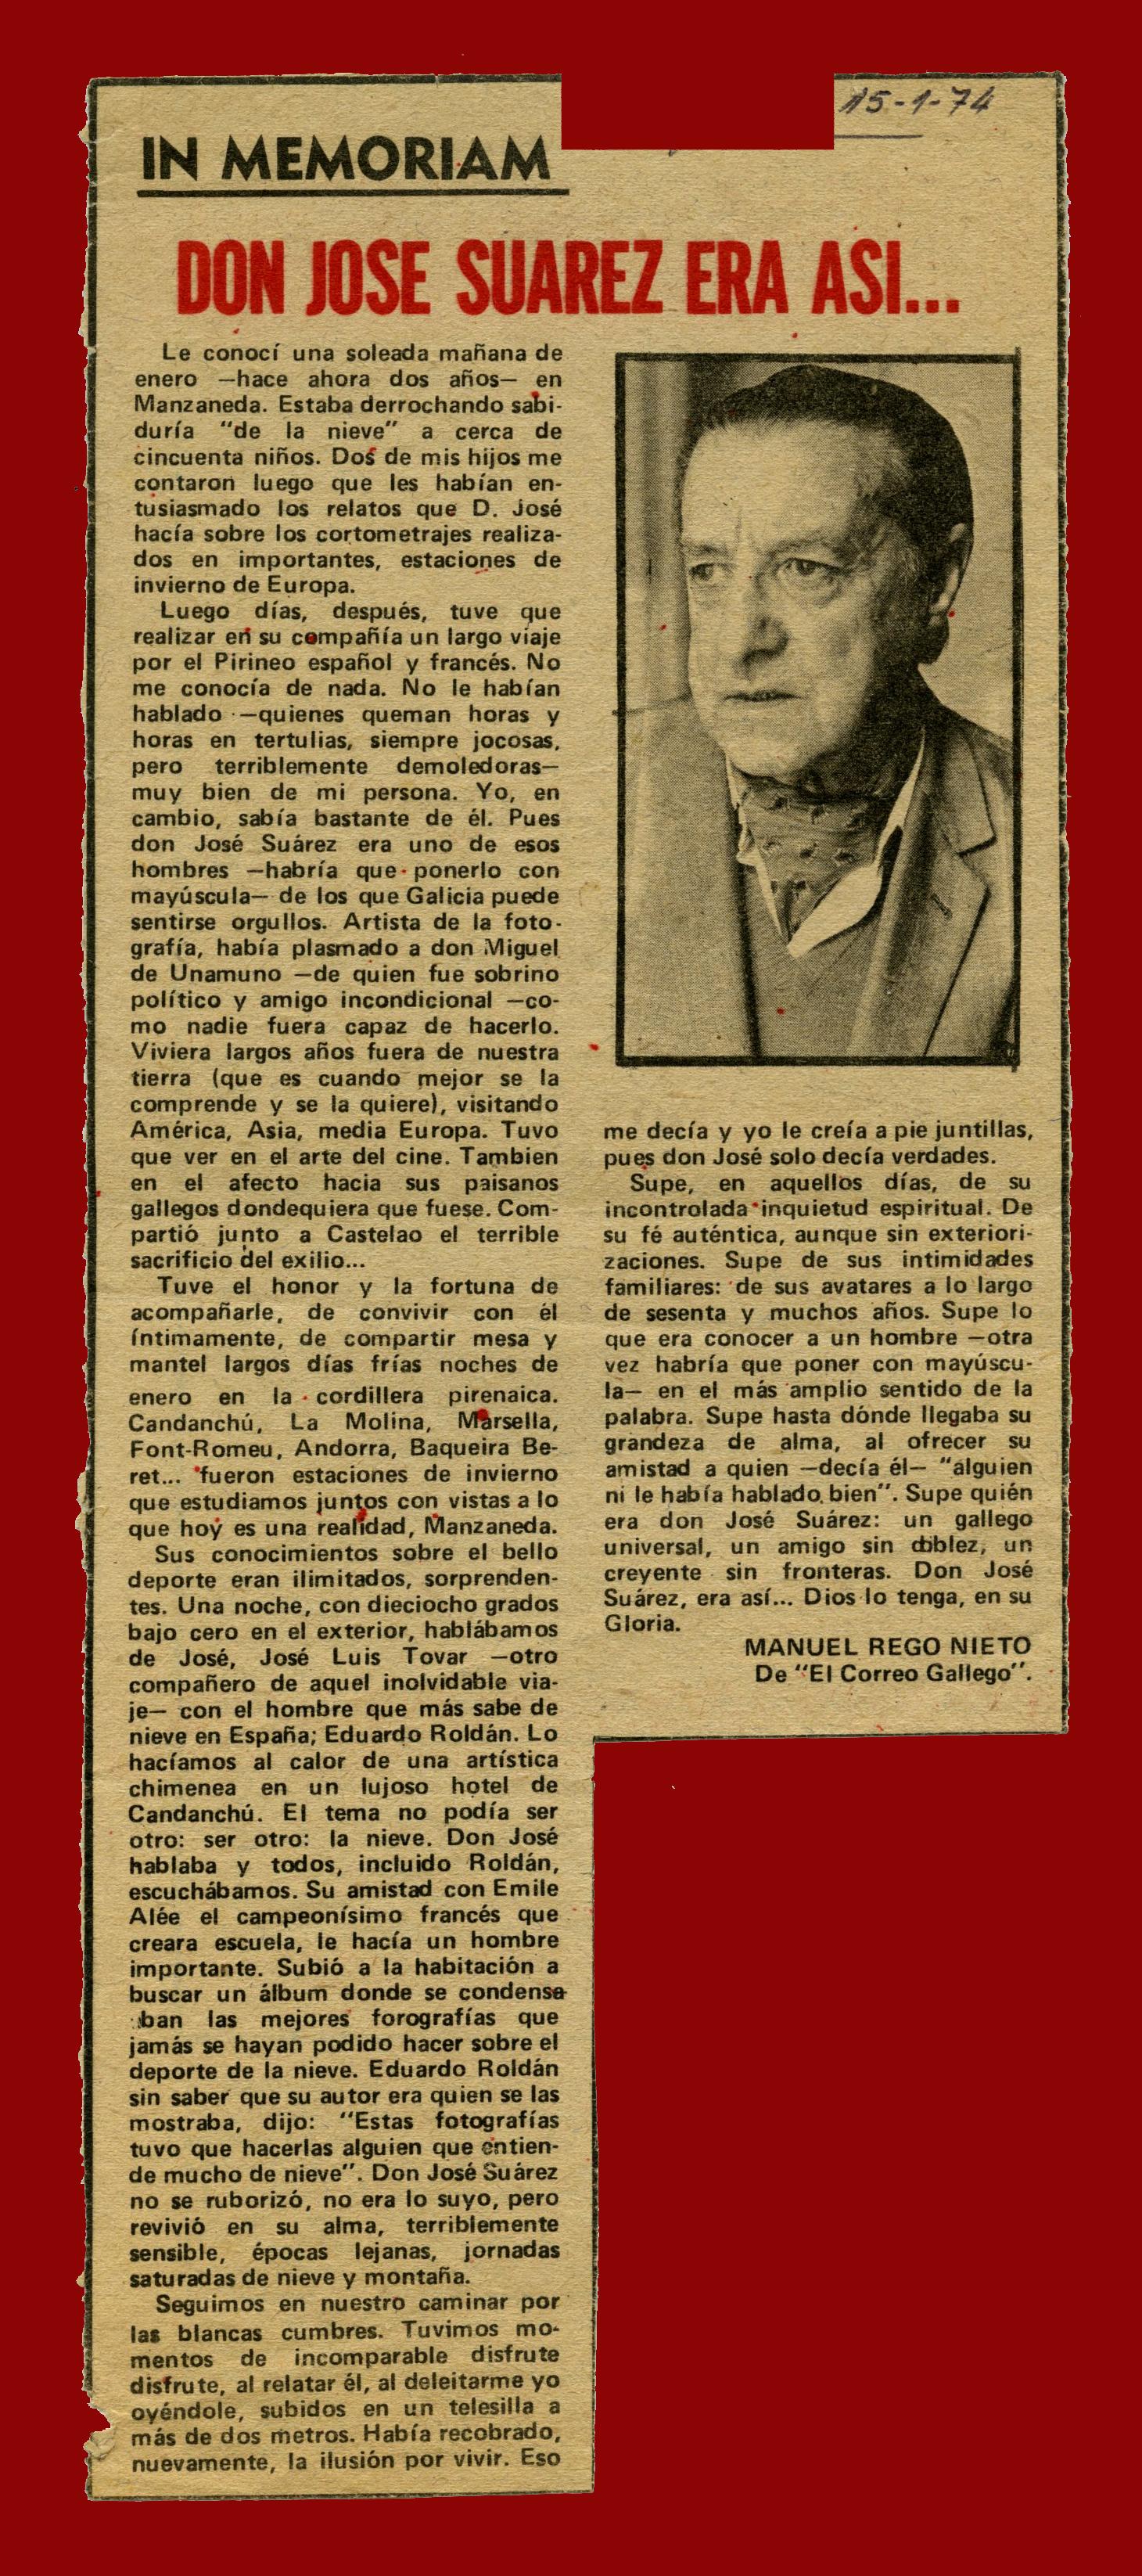 In memoriam. El Correo Gallego